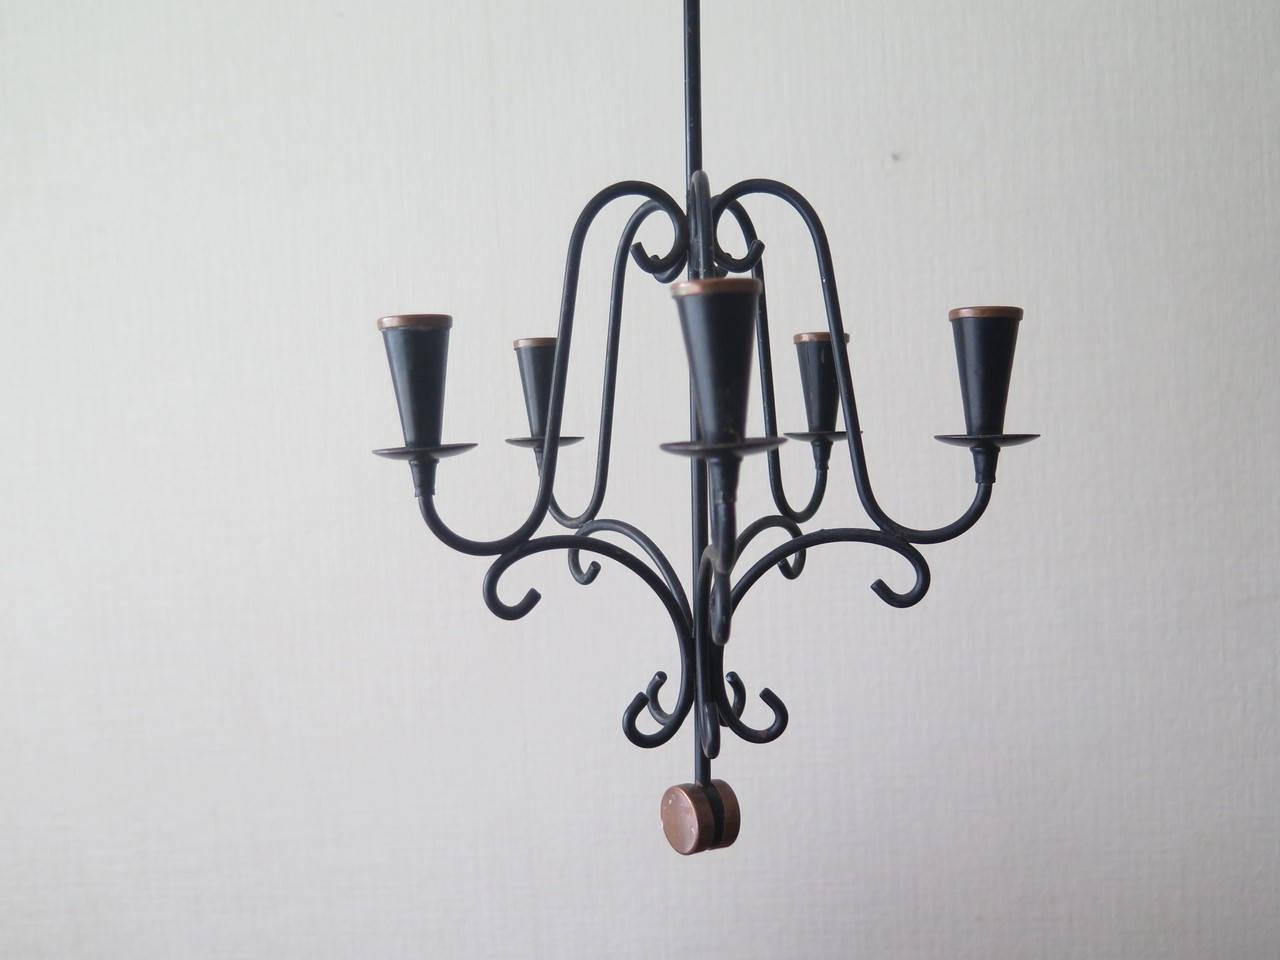 Vintage black metal candle holder hanging home decor 5 arms vintage black metal candle holder hanging home decor 5 arms chandelier ceiling hanging candle holder arubaitofo Images